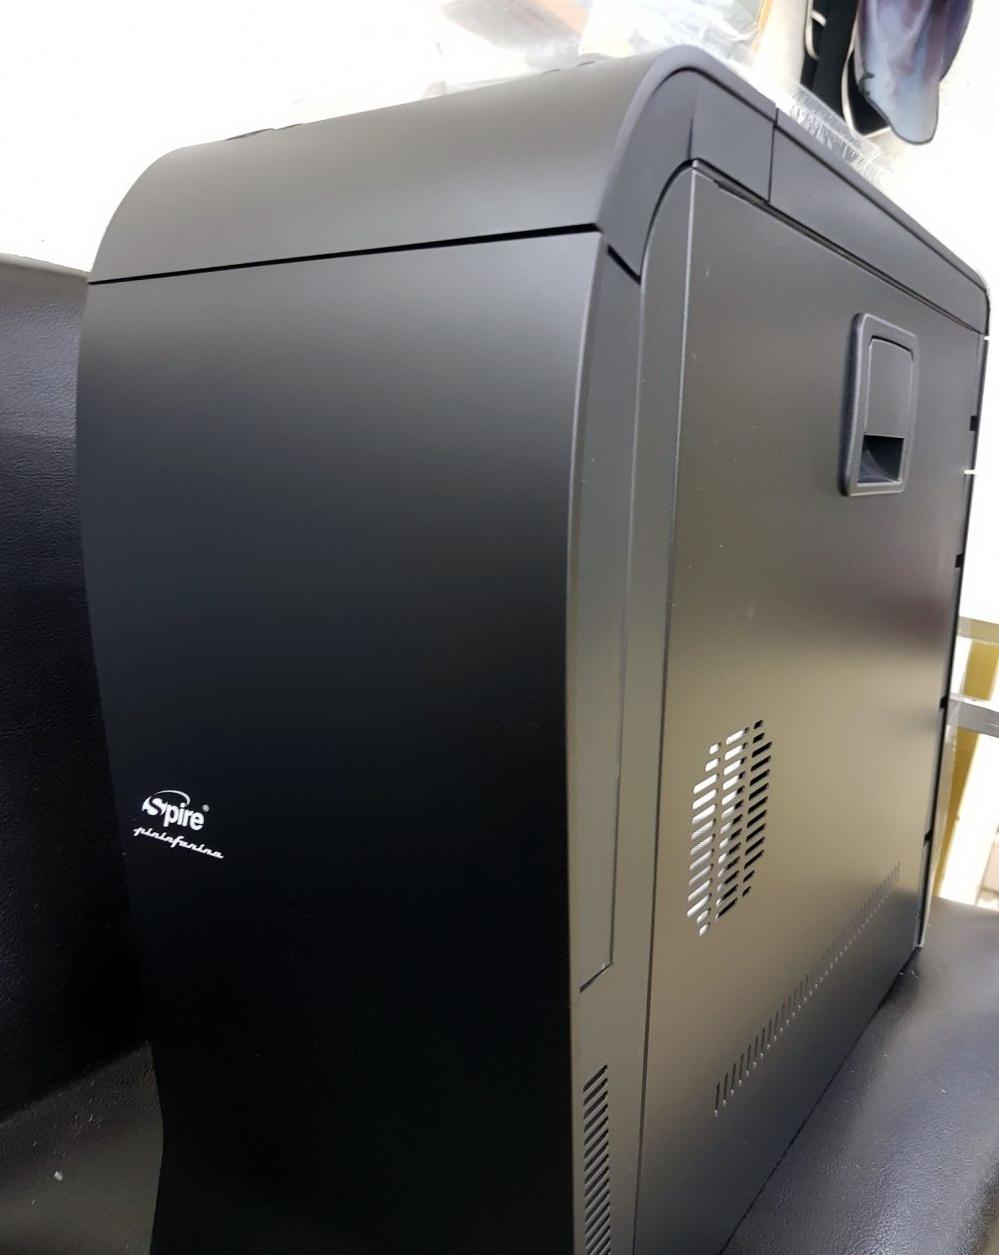 عروض خاصة كبيرة كيس كمبيوتر